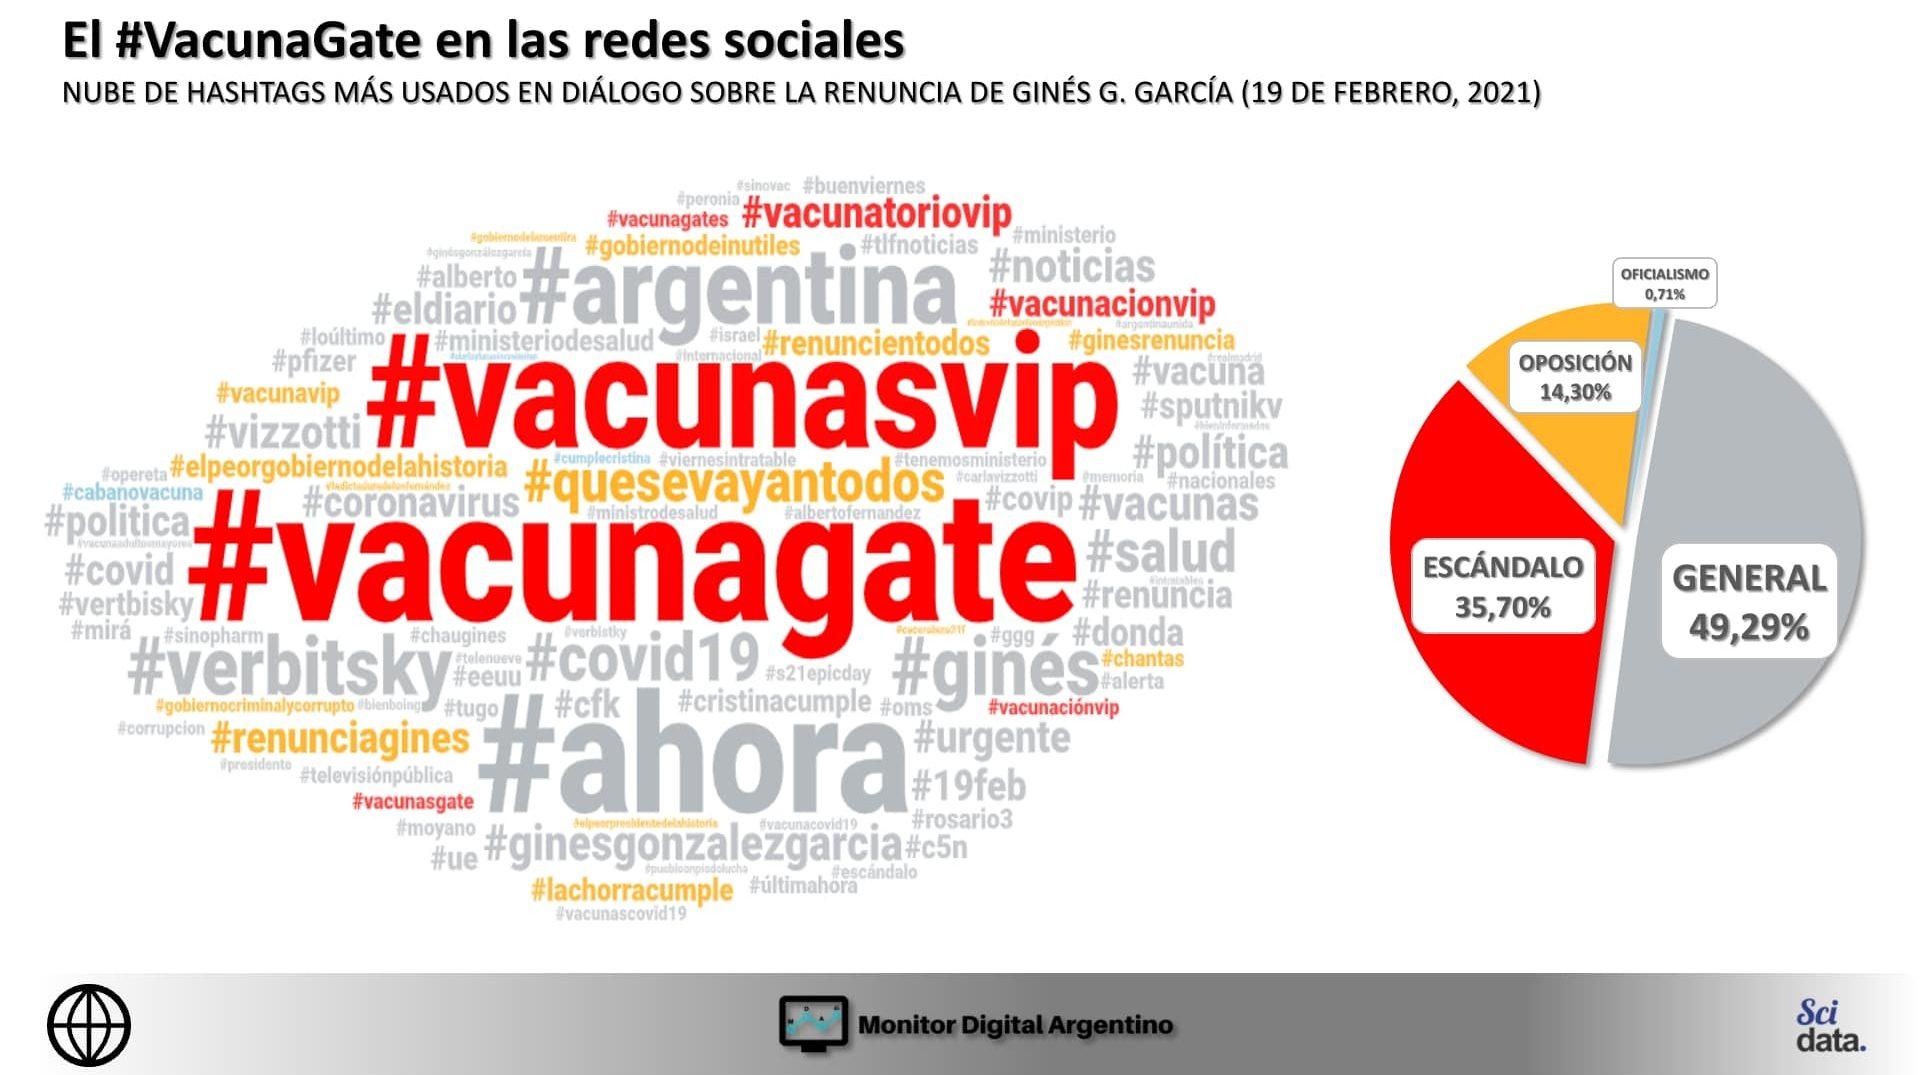 #VacunaGate: El nivel de menciones contra el gobierno y las críticas de la oposición dominaron la charla